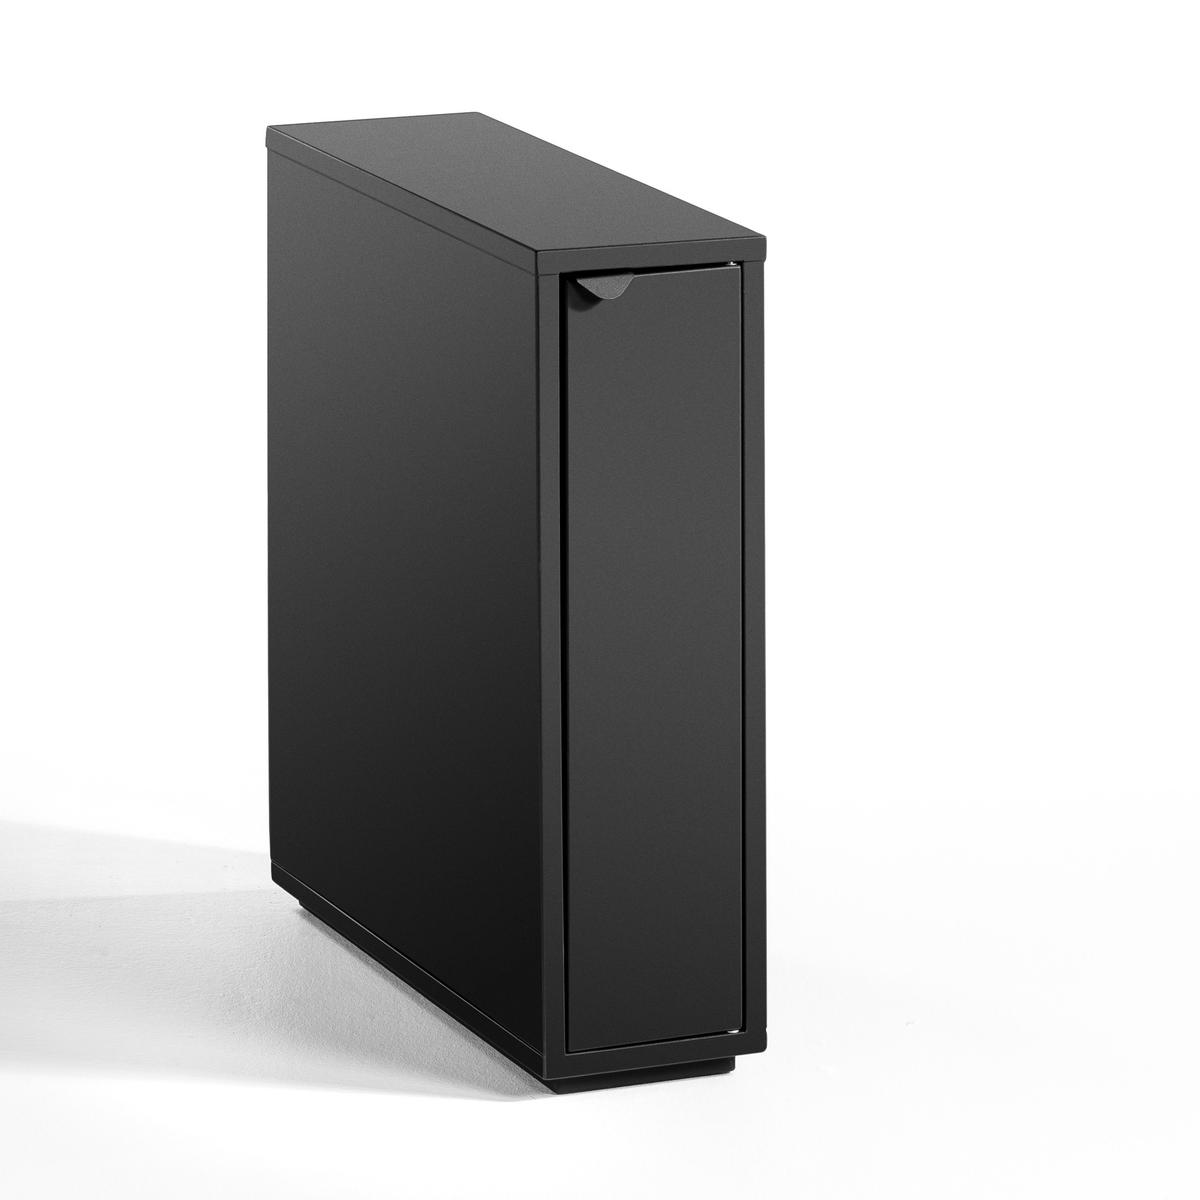 Ящик для письменного стола с 1 дверкой, Angus mymilly с 1 дверкой 175 см пони